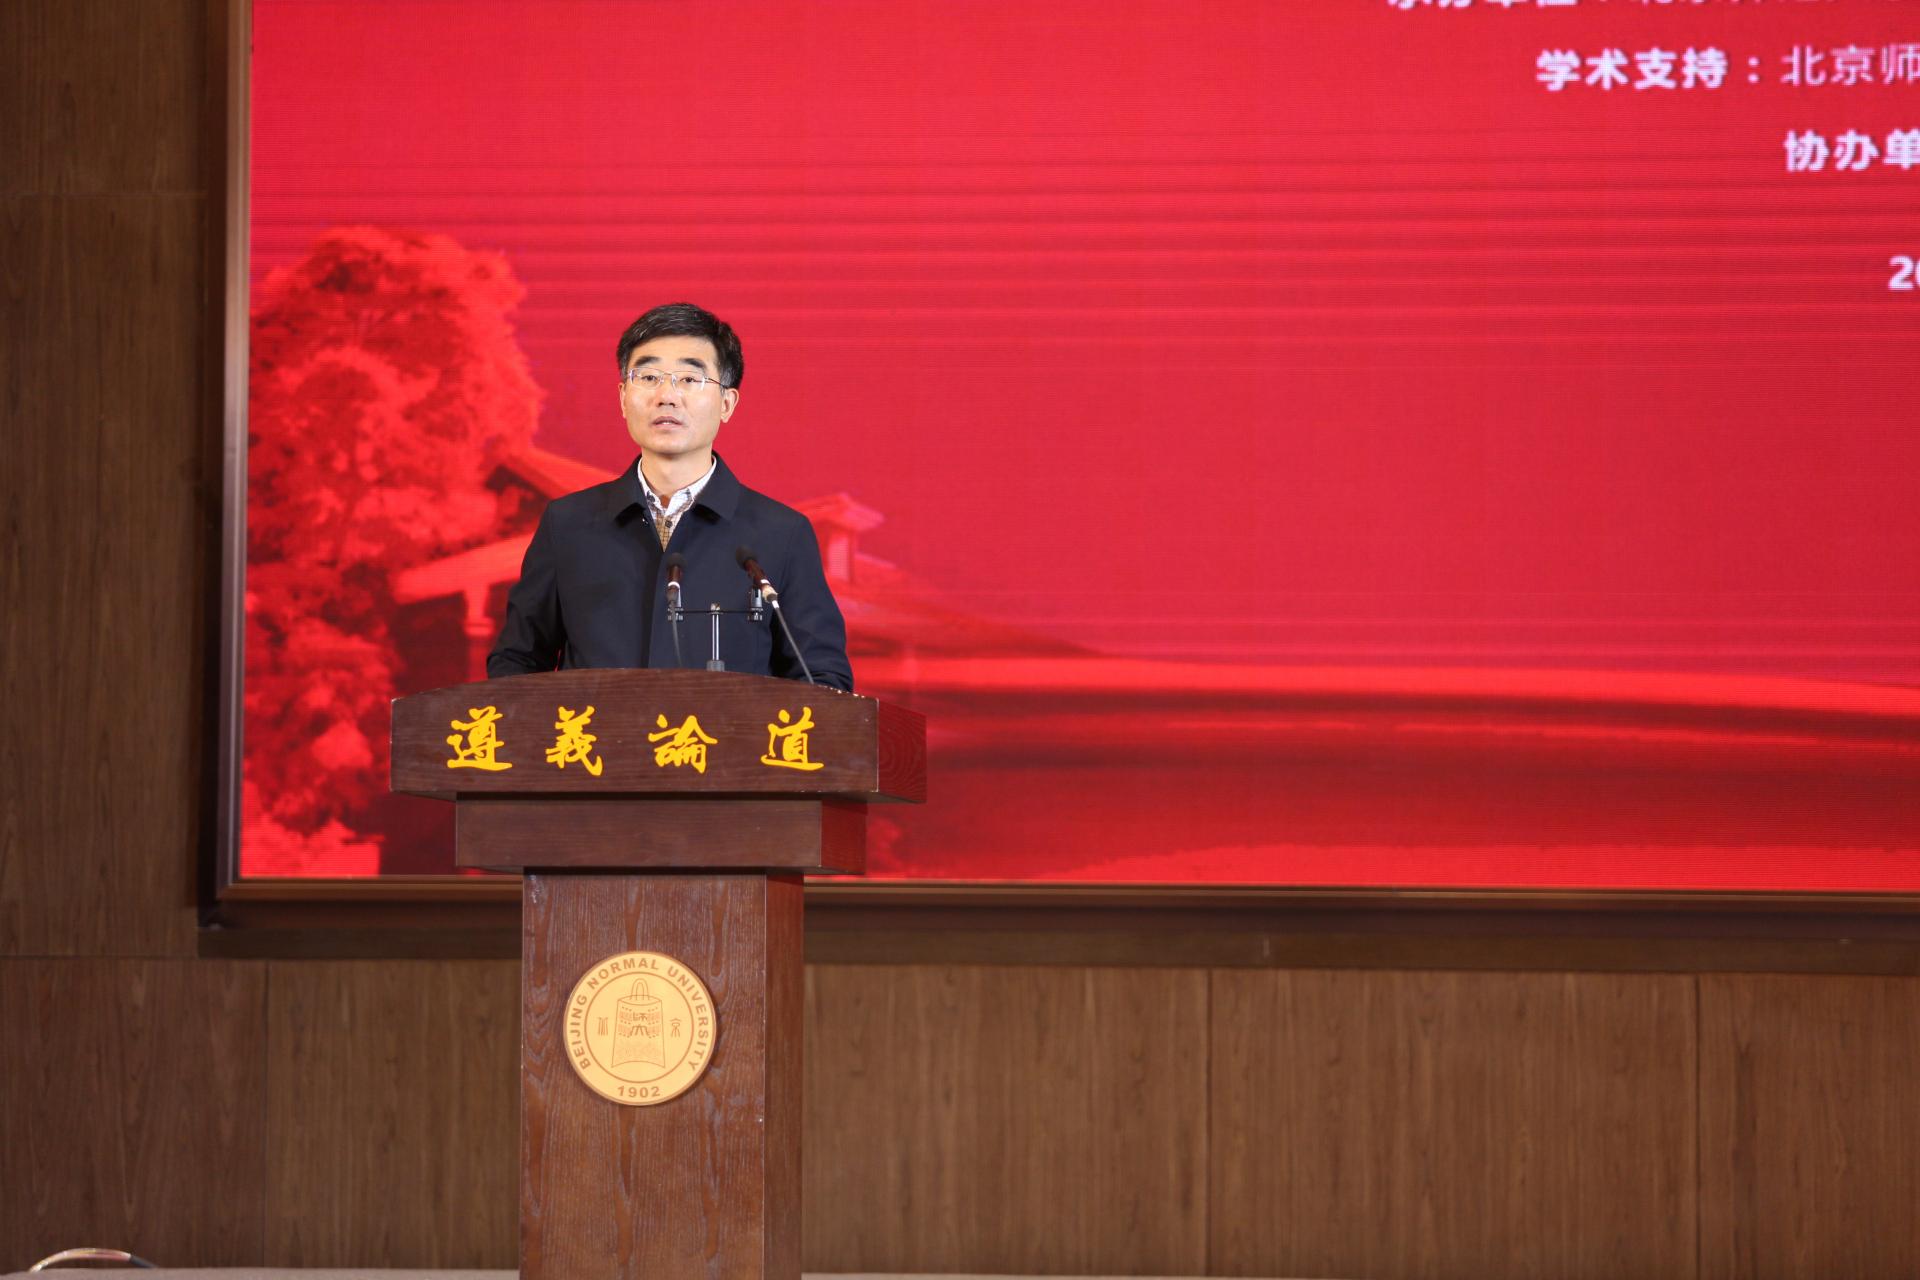 貴州省教育廳副廳長徐國華致辭